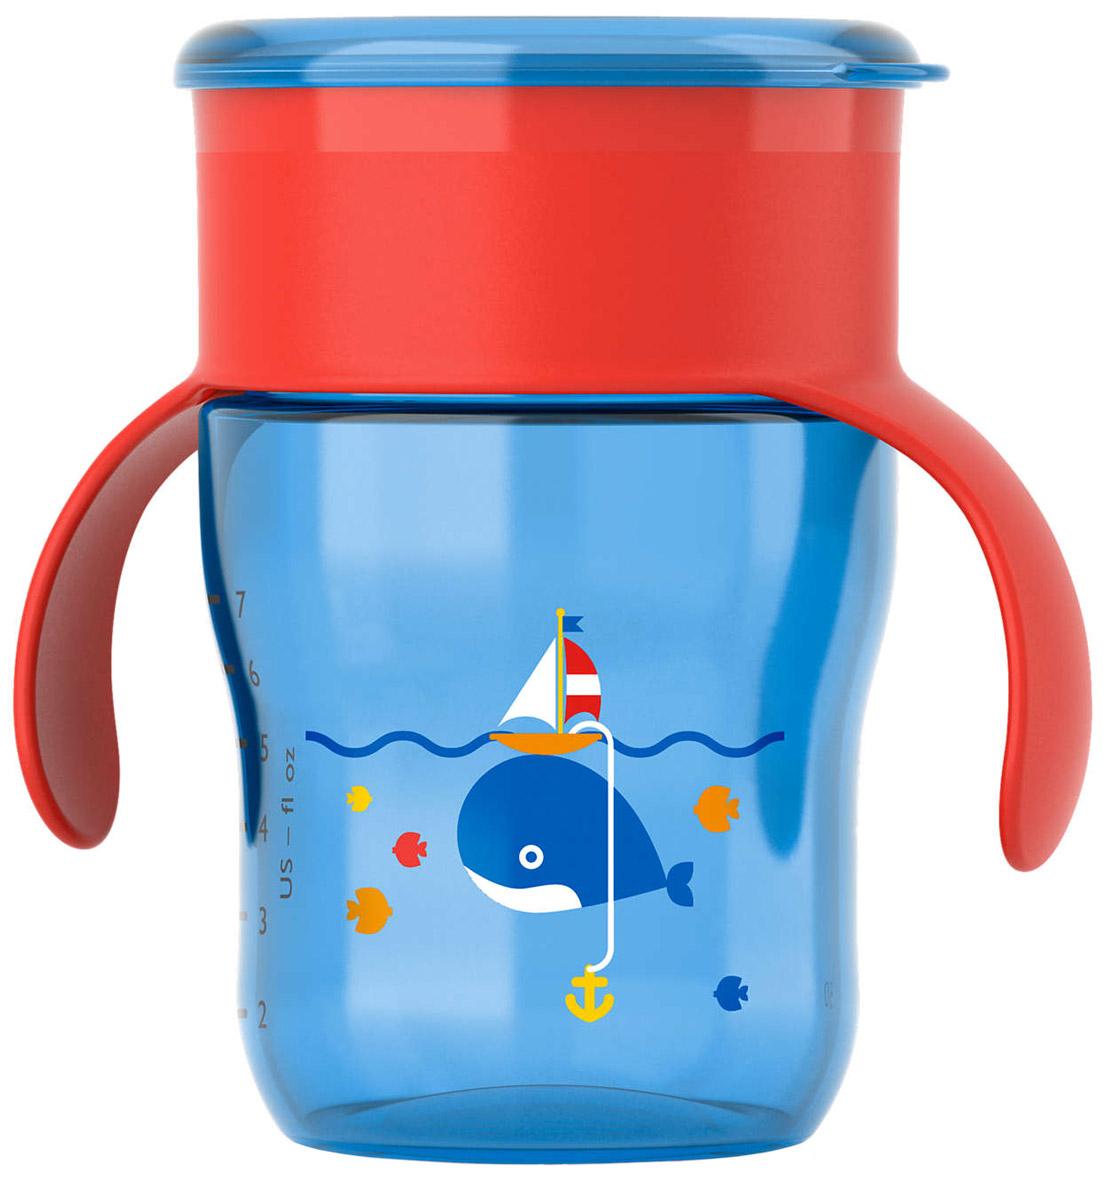 Philips Avent Чашка-поильник от 12 месяцев цвет голубой красный 260 мл кит SCF782/20 -  Поильники